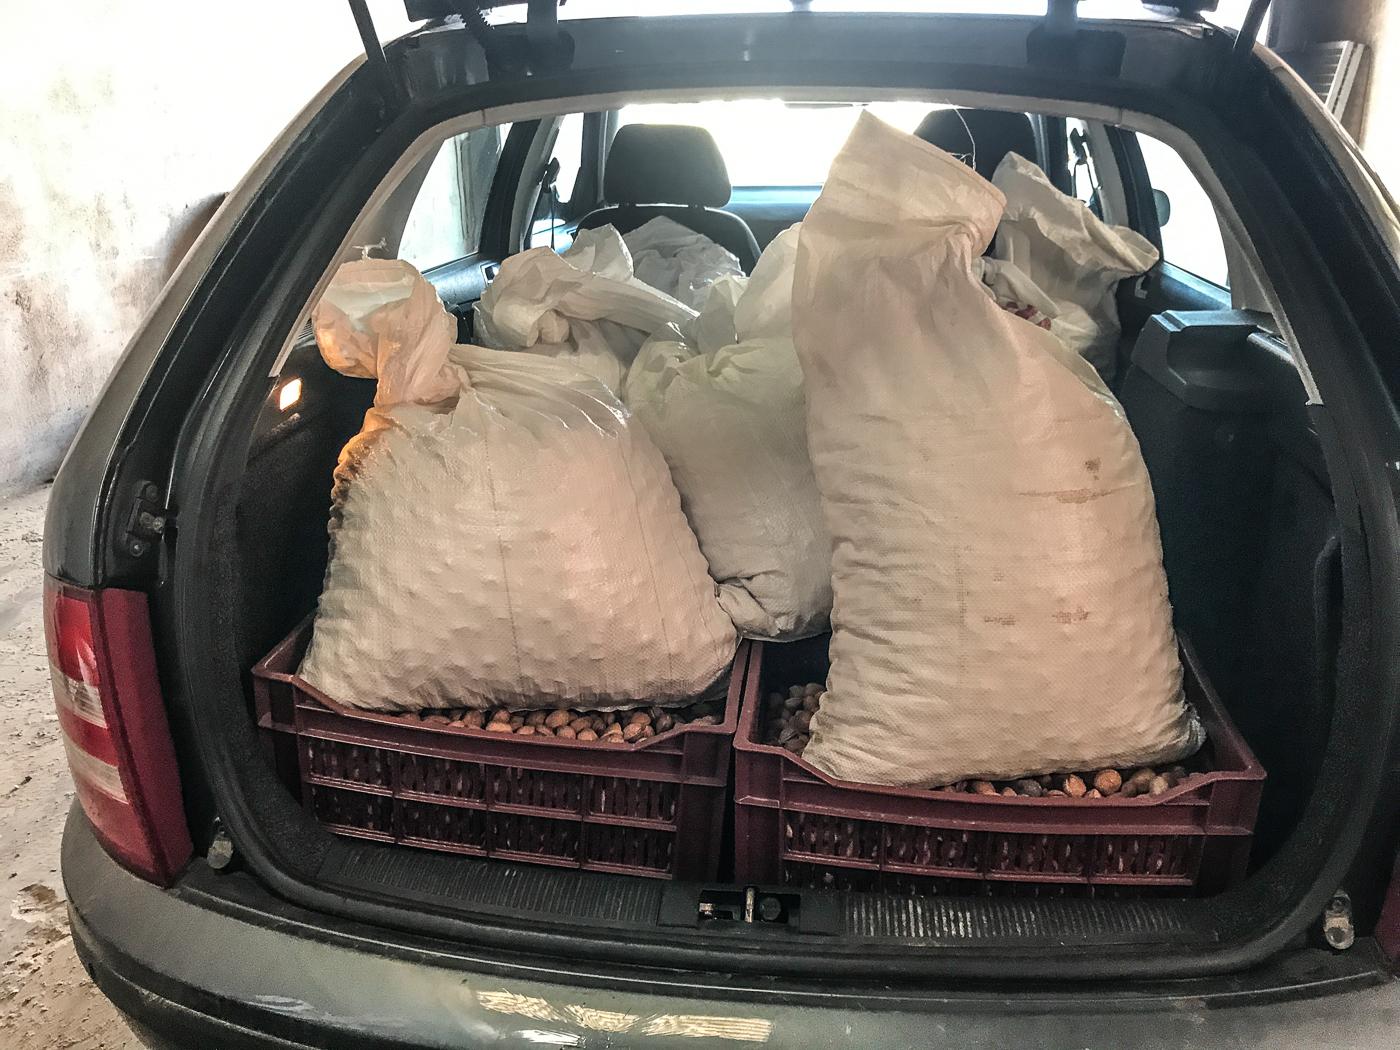 Almonds in bulging bags piled in my car